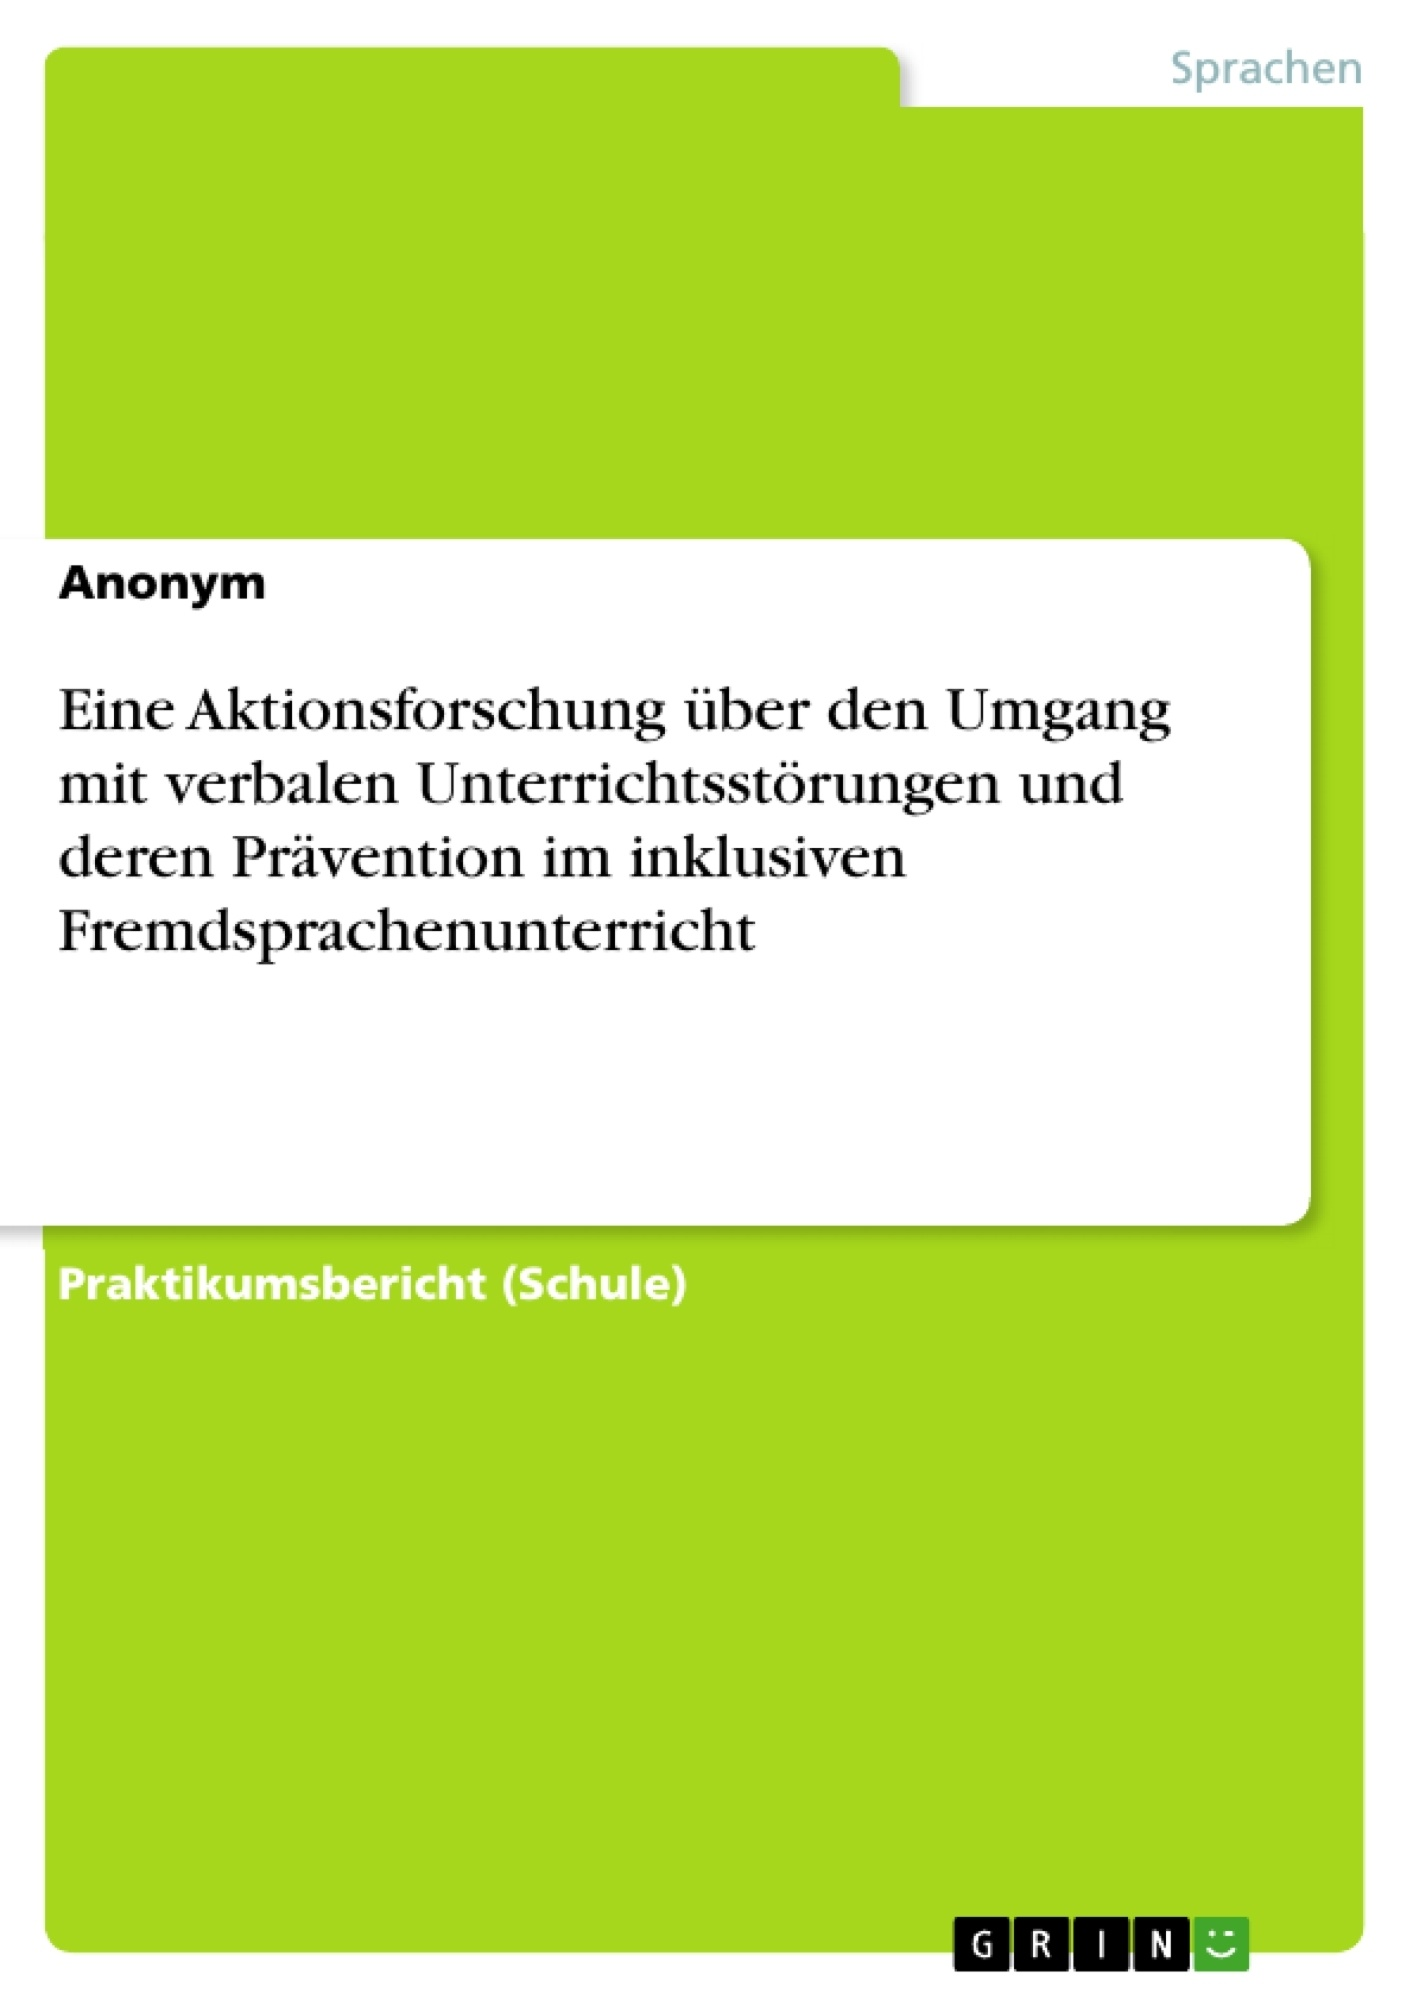 Titel: Eine Aktionsforschung über den Umgang mit verbalen Unterrichtsstörungen und deren Prävention im inklusiven Fremdsprachenunterricht